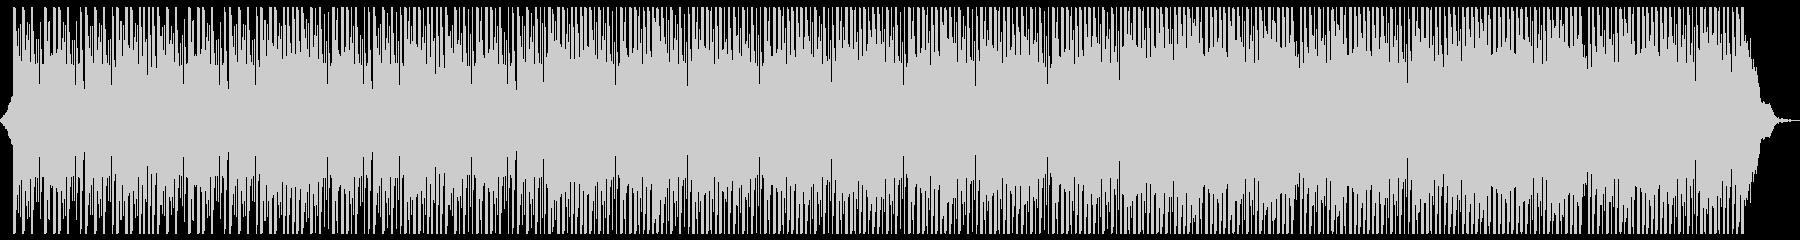 無機質でクールなヒップホップの未再生の波形